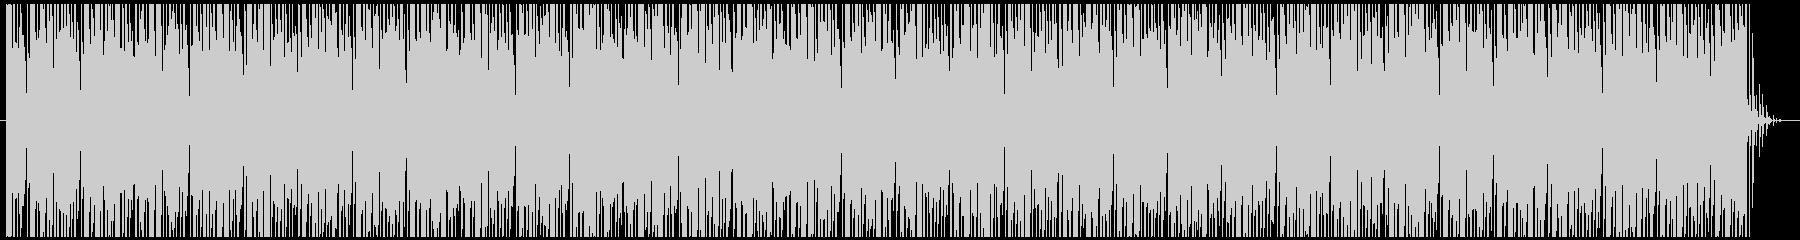 メニュー画面のようなデジタルなBGMの未再生の波形